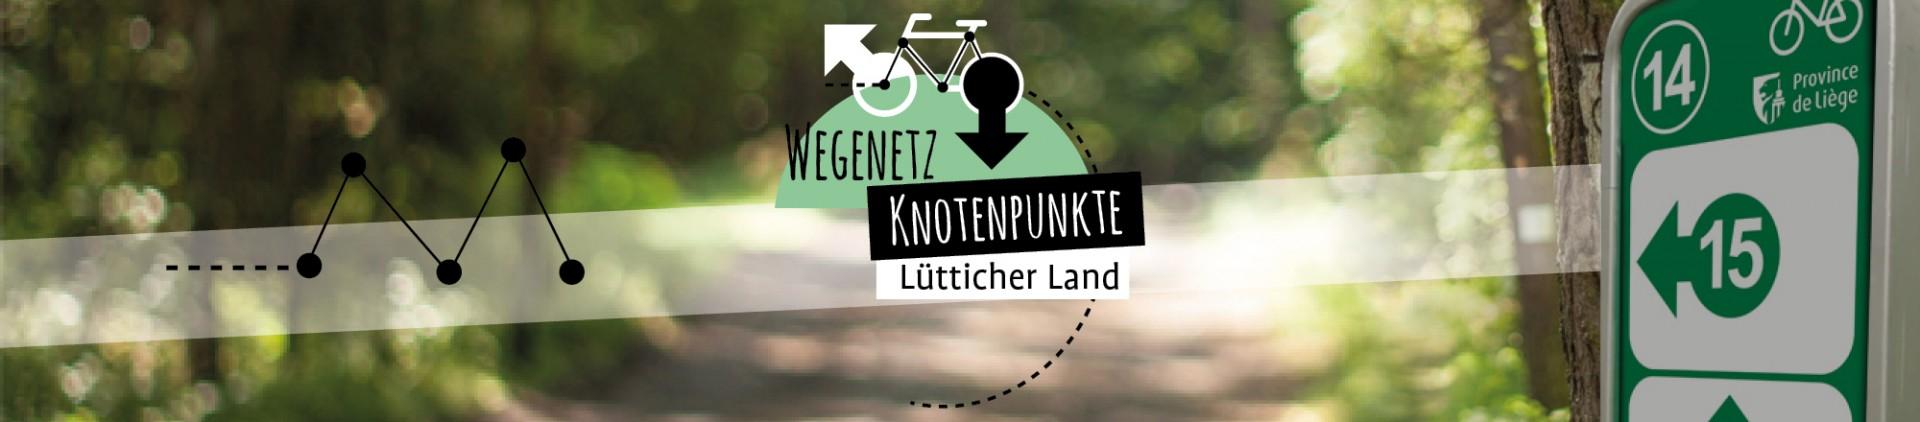 Wanderungen und Knotenpunktrouten in der Provinz Lüttich